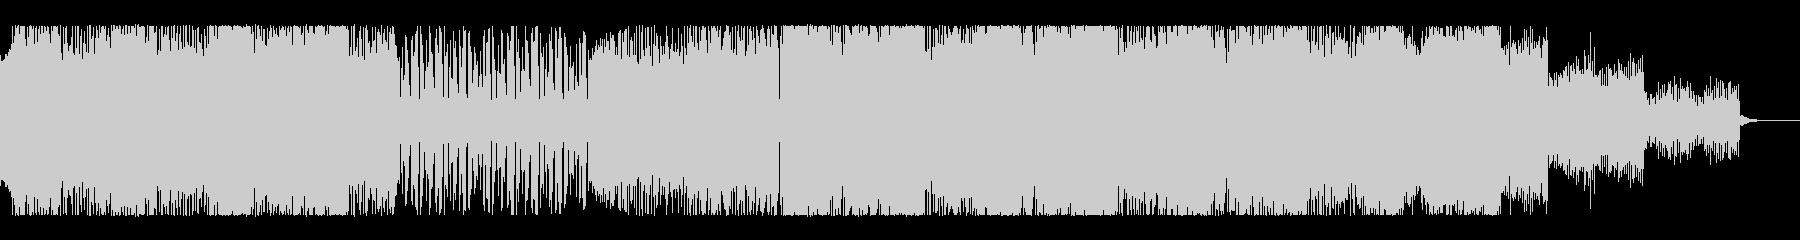 クールでサイバーなフューチャチールアウトの未再生の波形